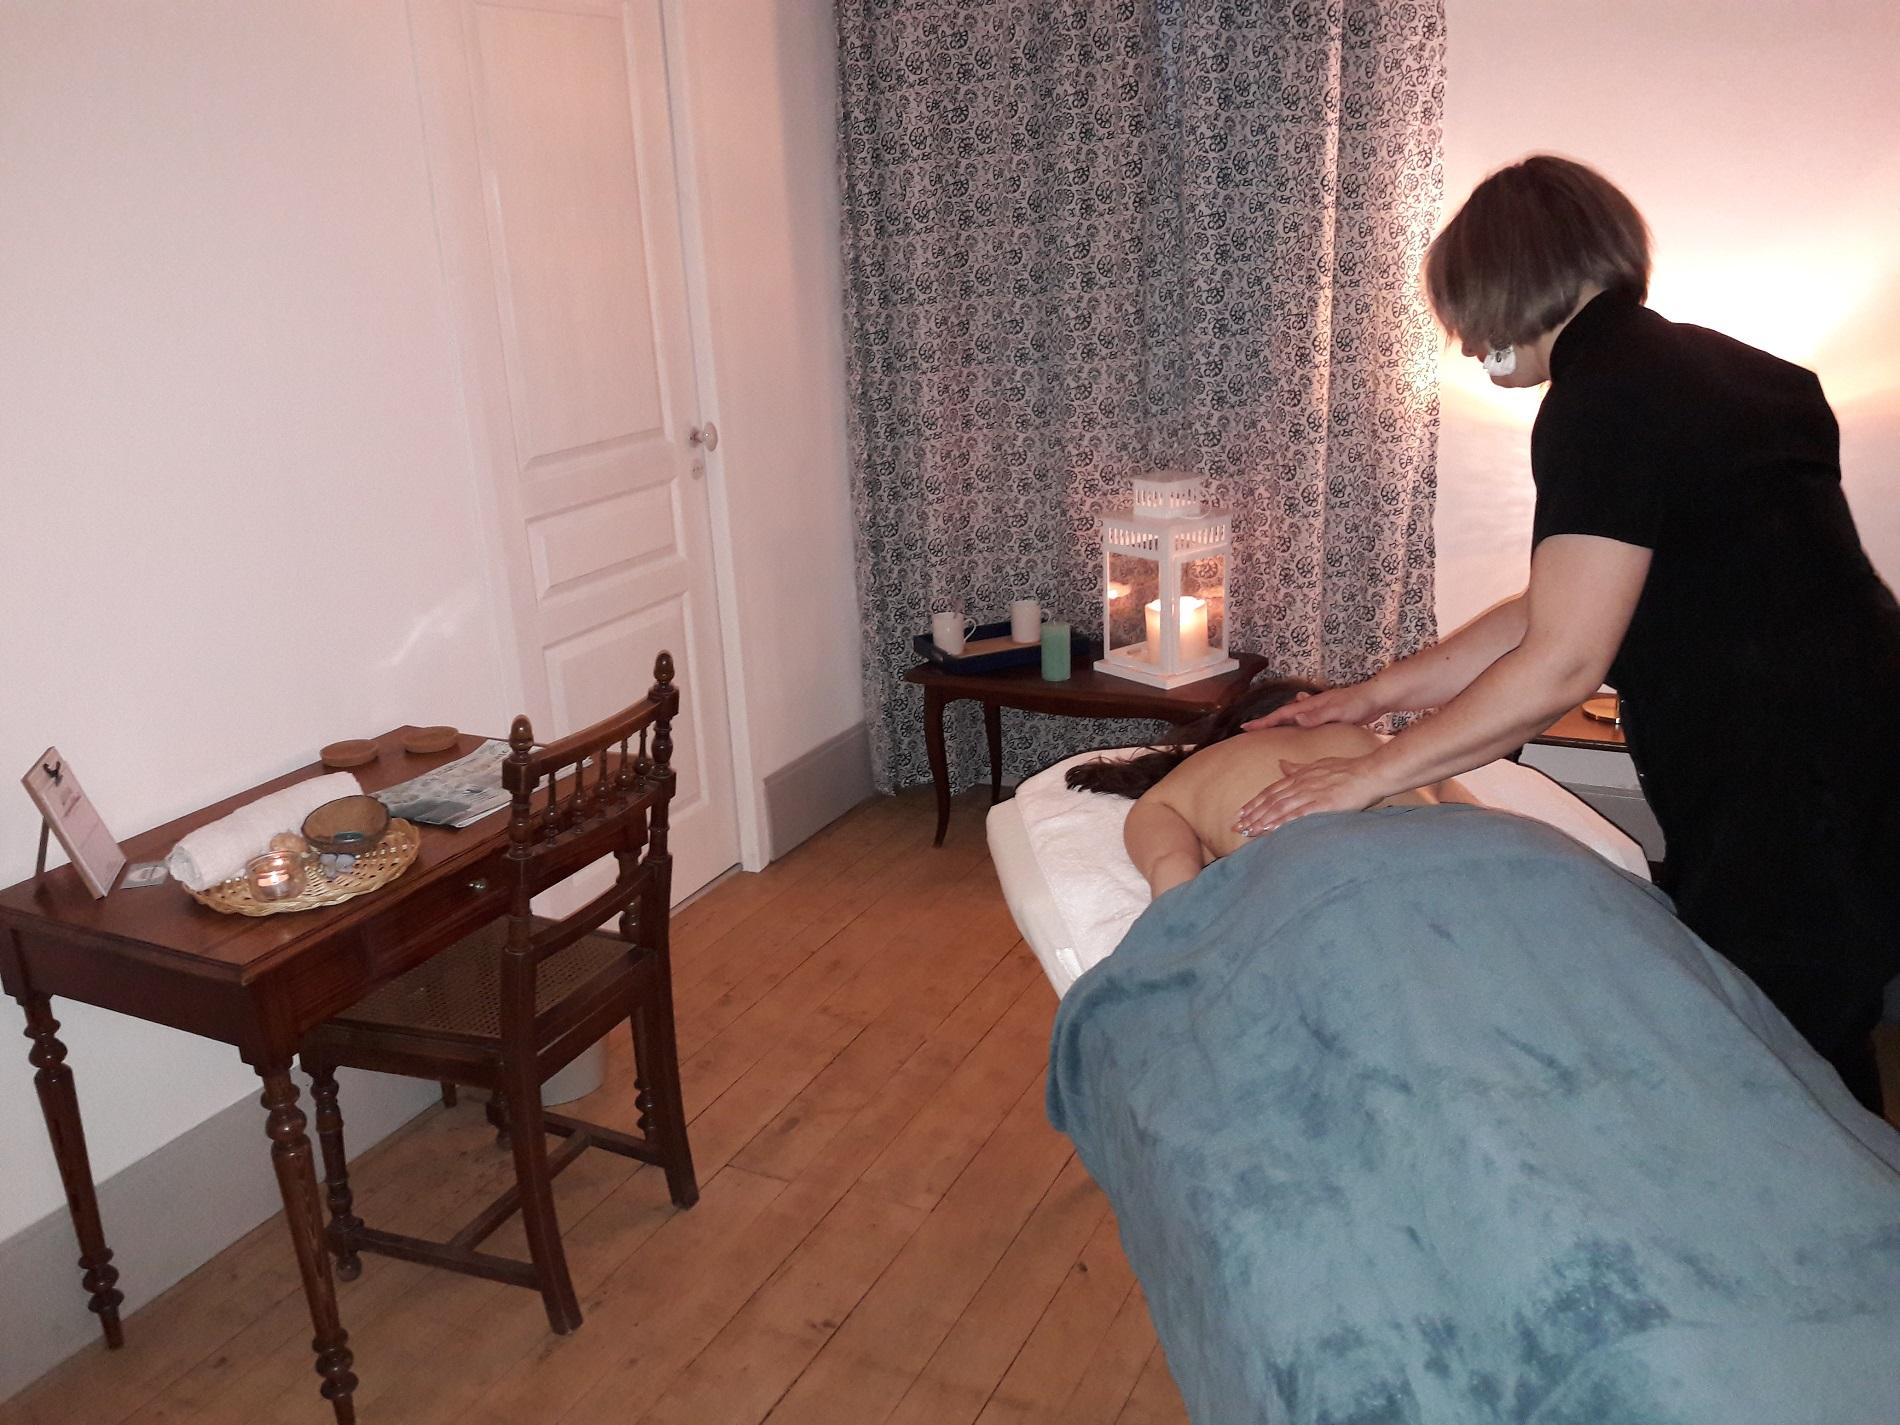 Massages détente belle décoration lumière tamisée